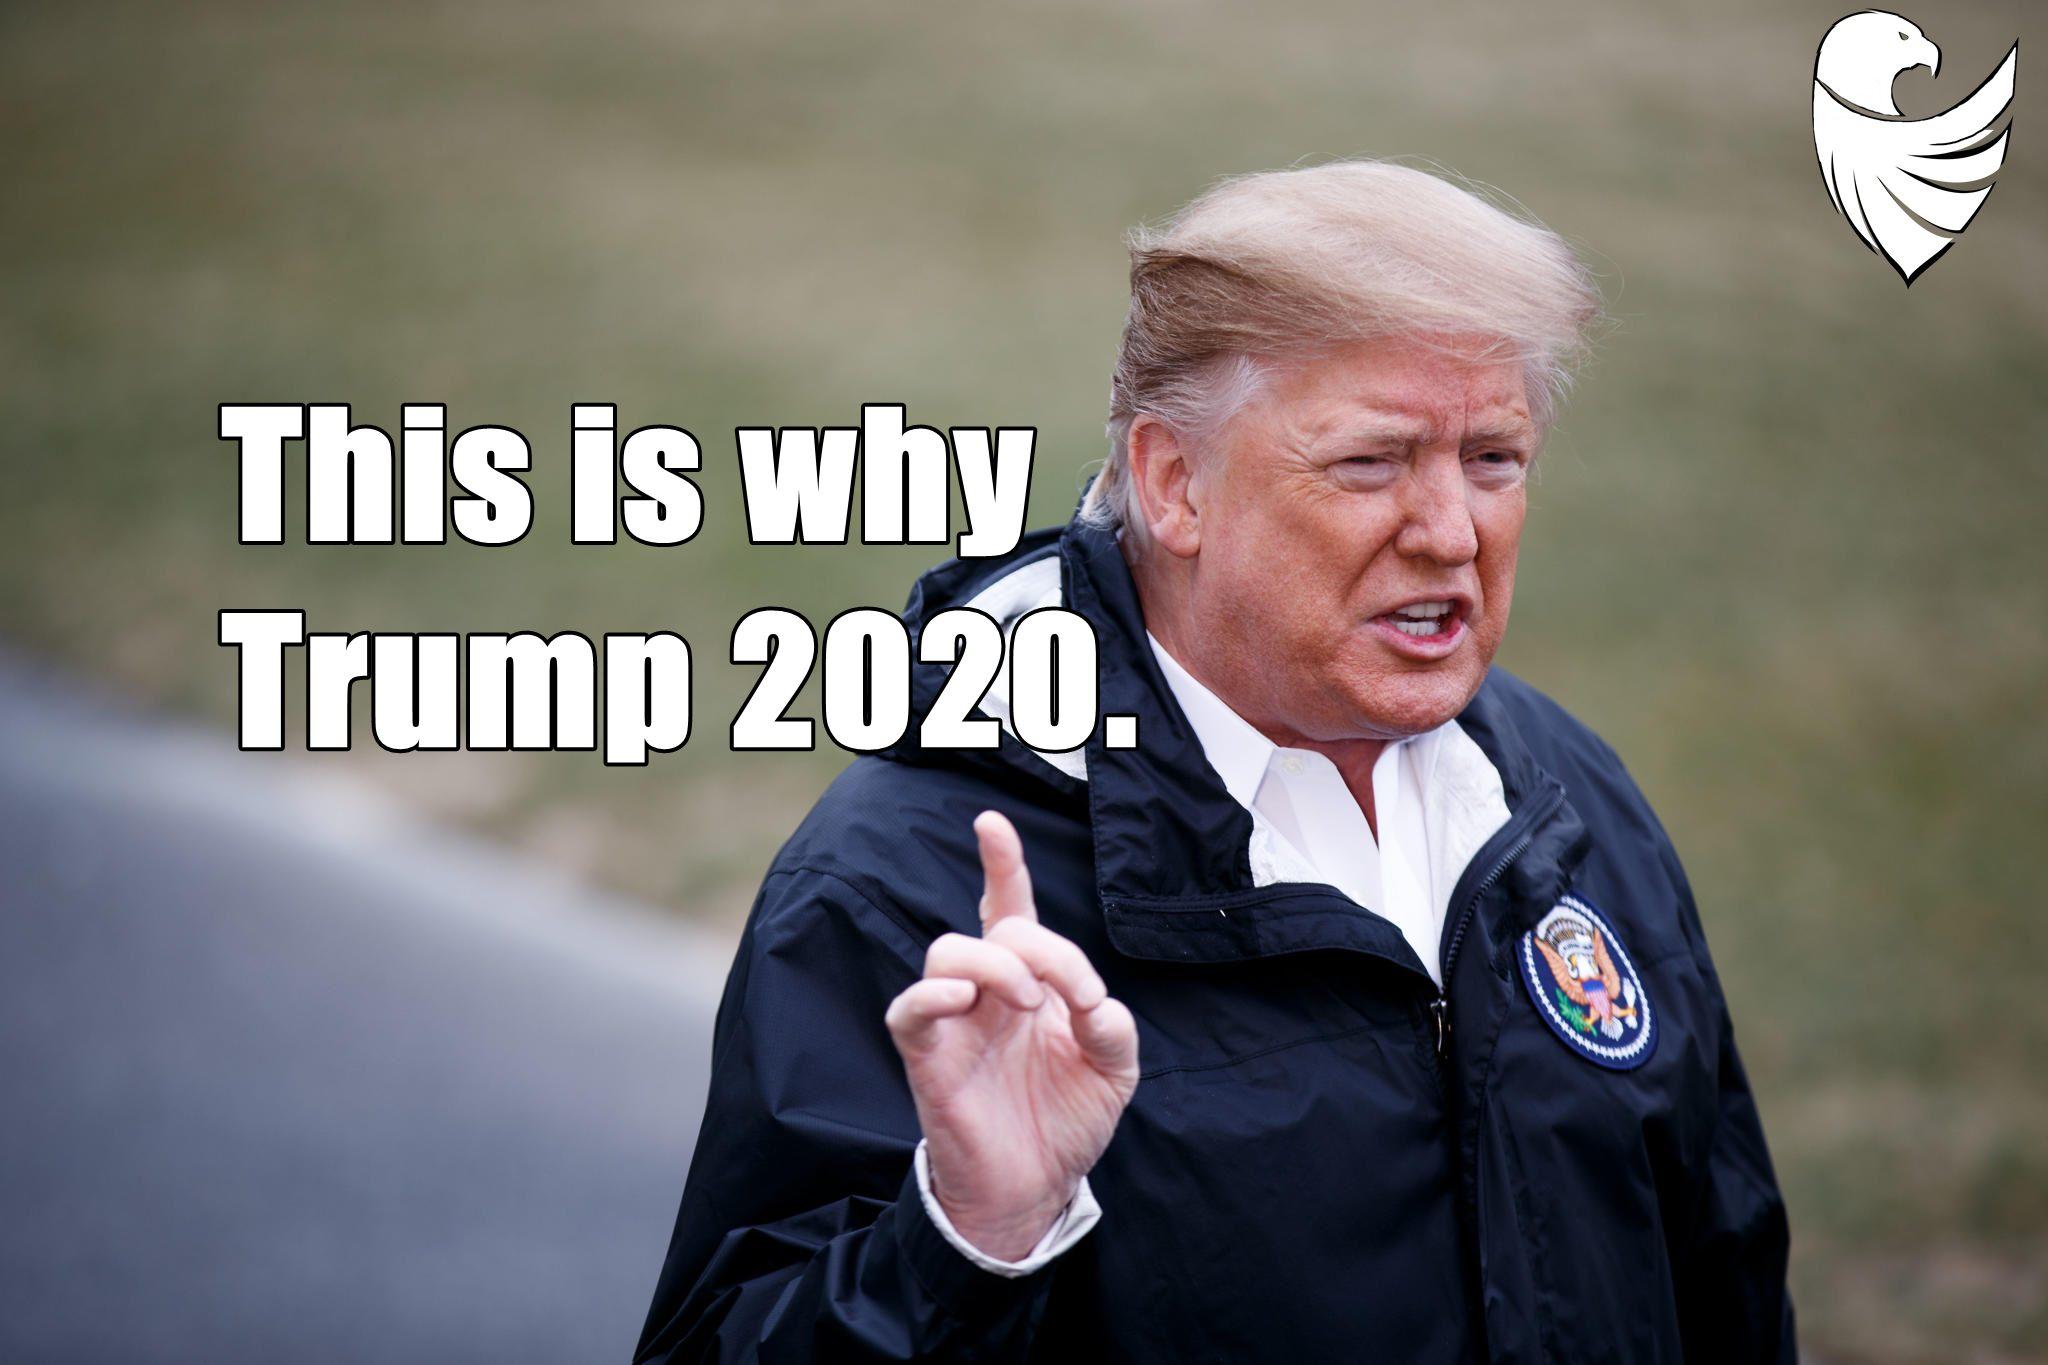 Why Trump 2020